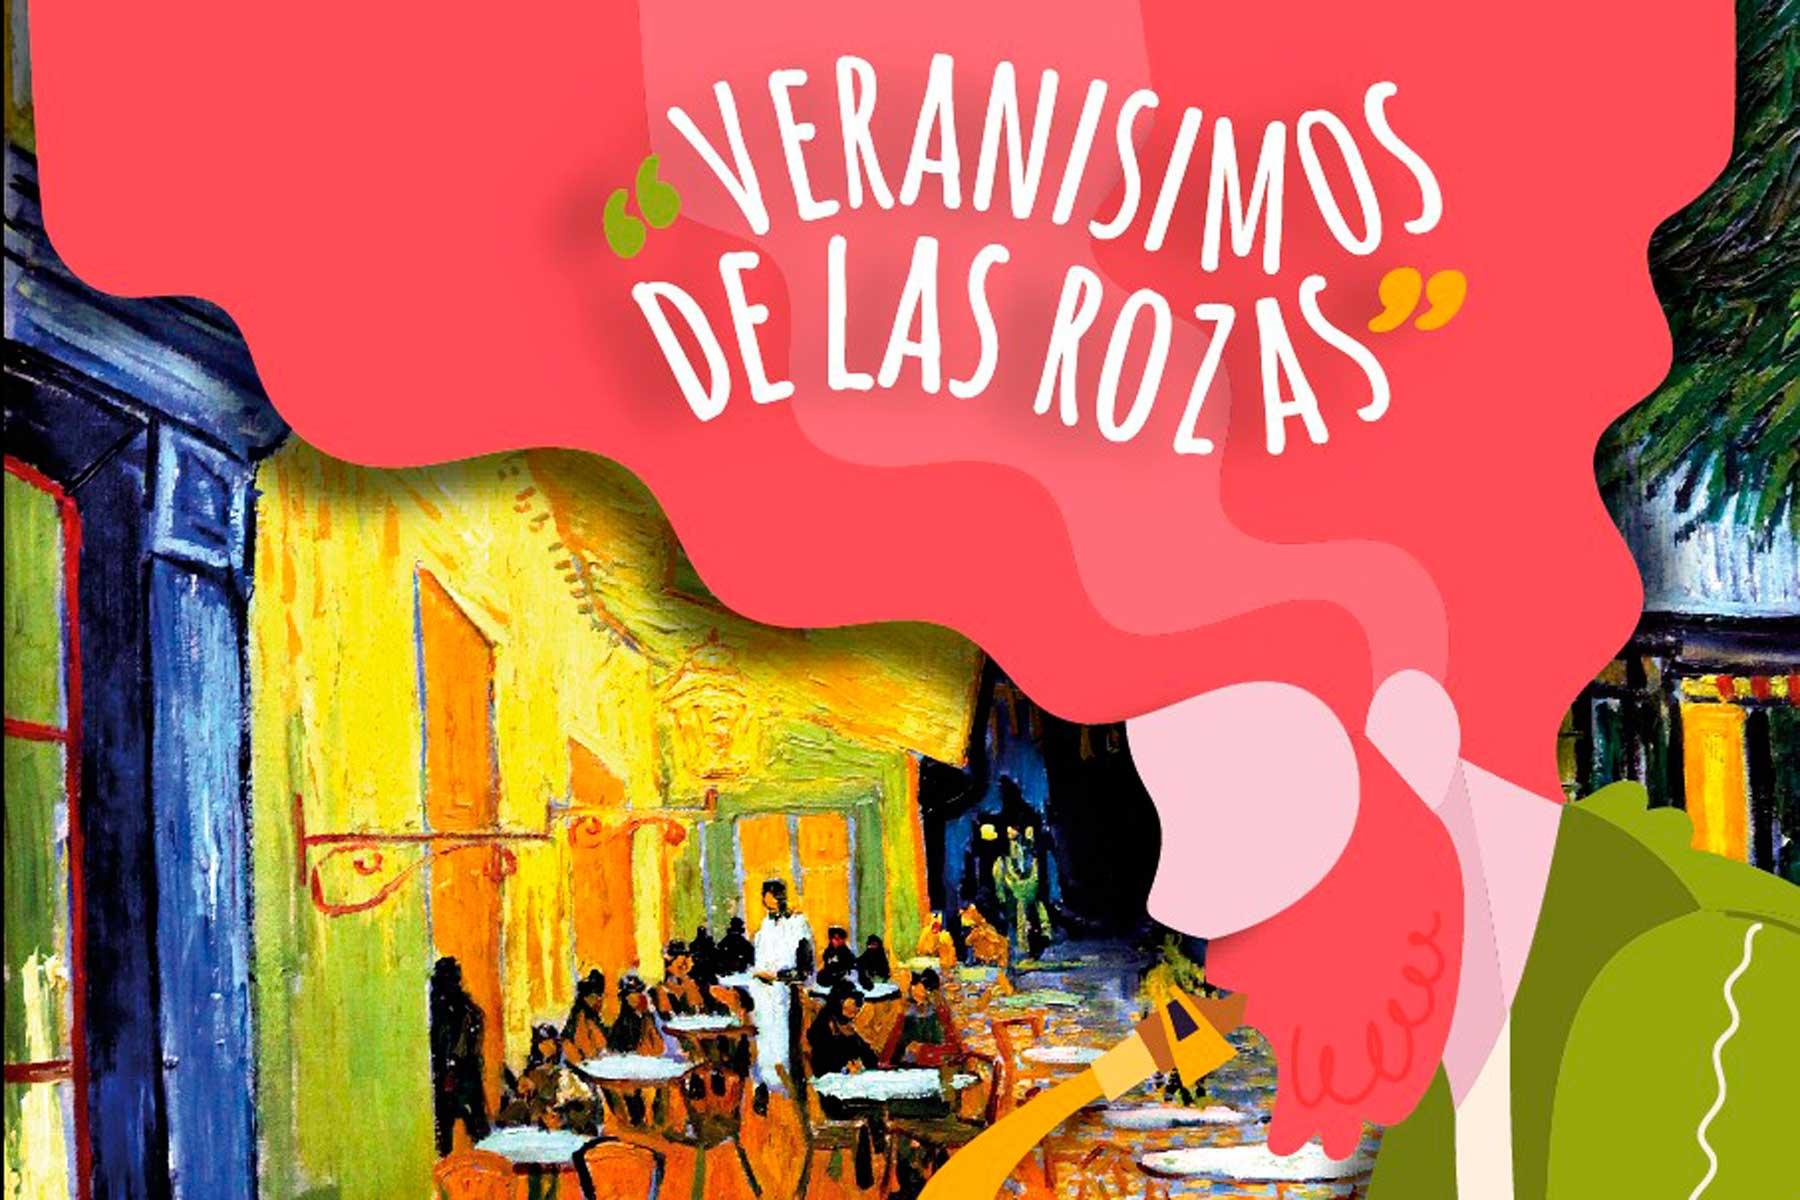 Entre las novedades, veladas gastronómicas y románticas, música y cine para disfrutar hasta el 2 de agosto